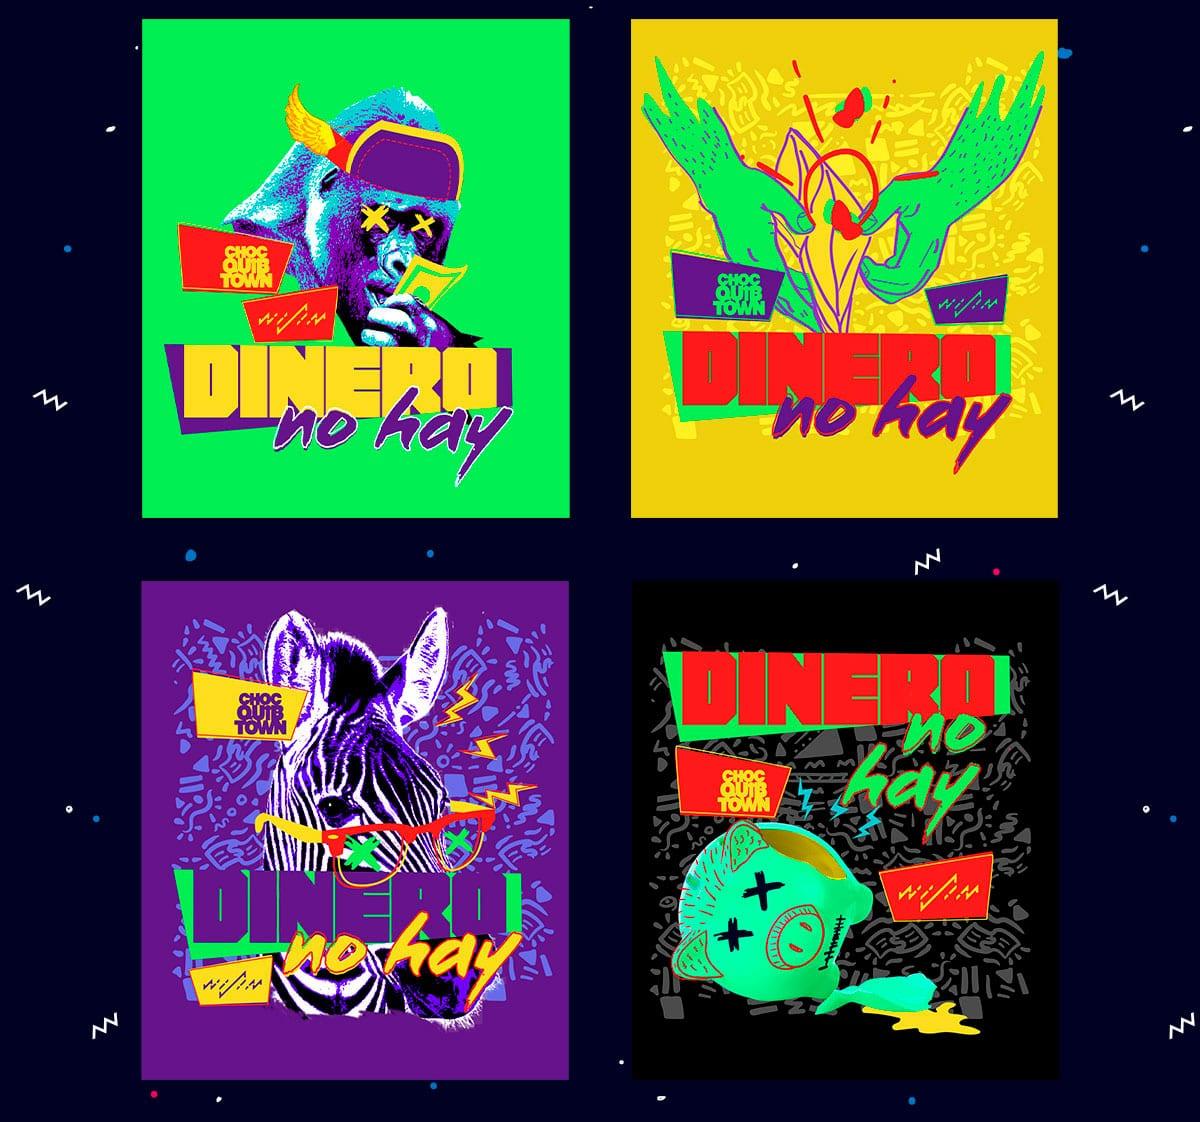 ChocQuibTown (Dinero no Hay) Ropa Camisetas Covers